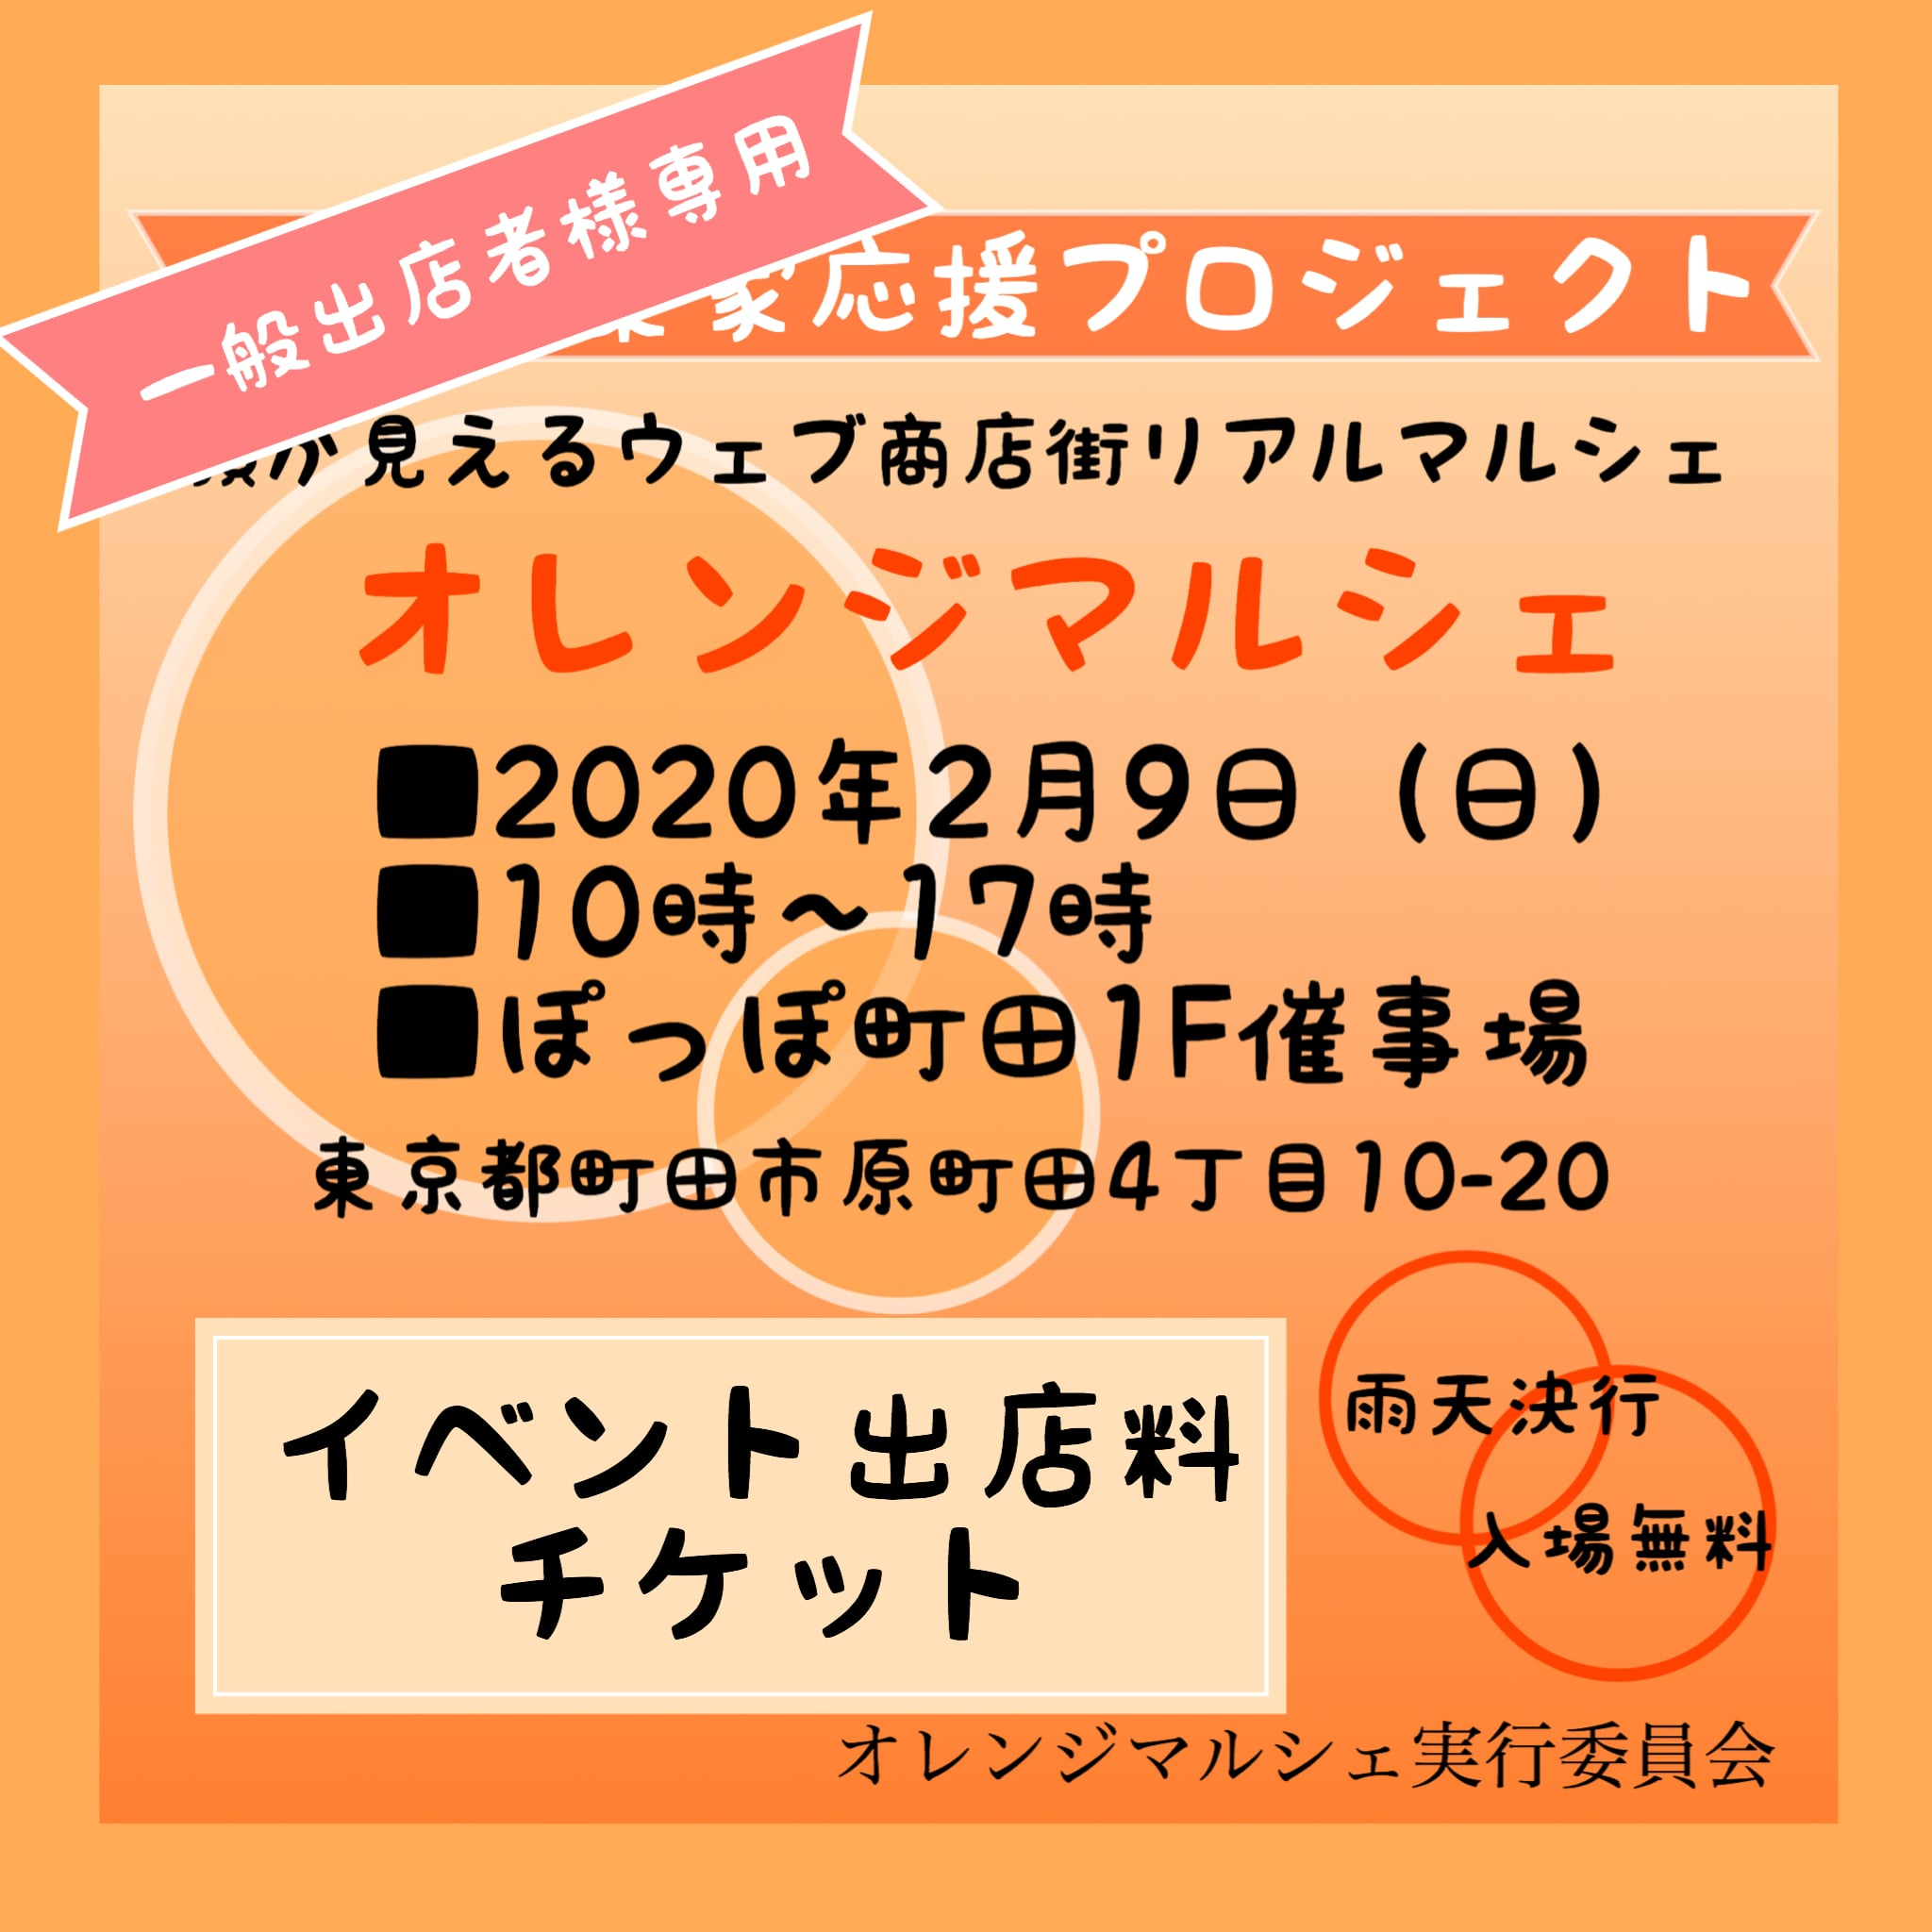 【一般出店者様専用】オレンジマルシェin町田イベント出店料のイメージその1